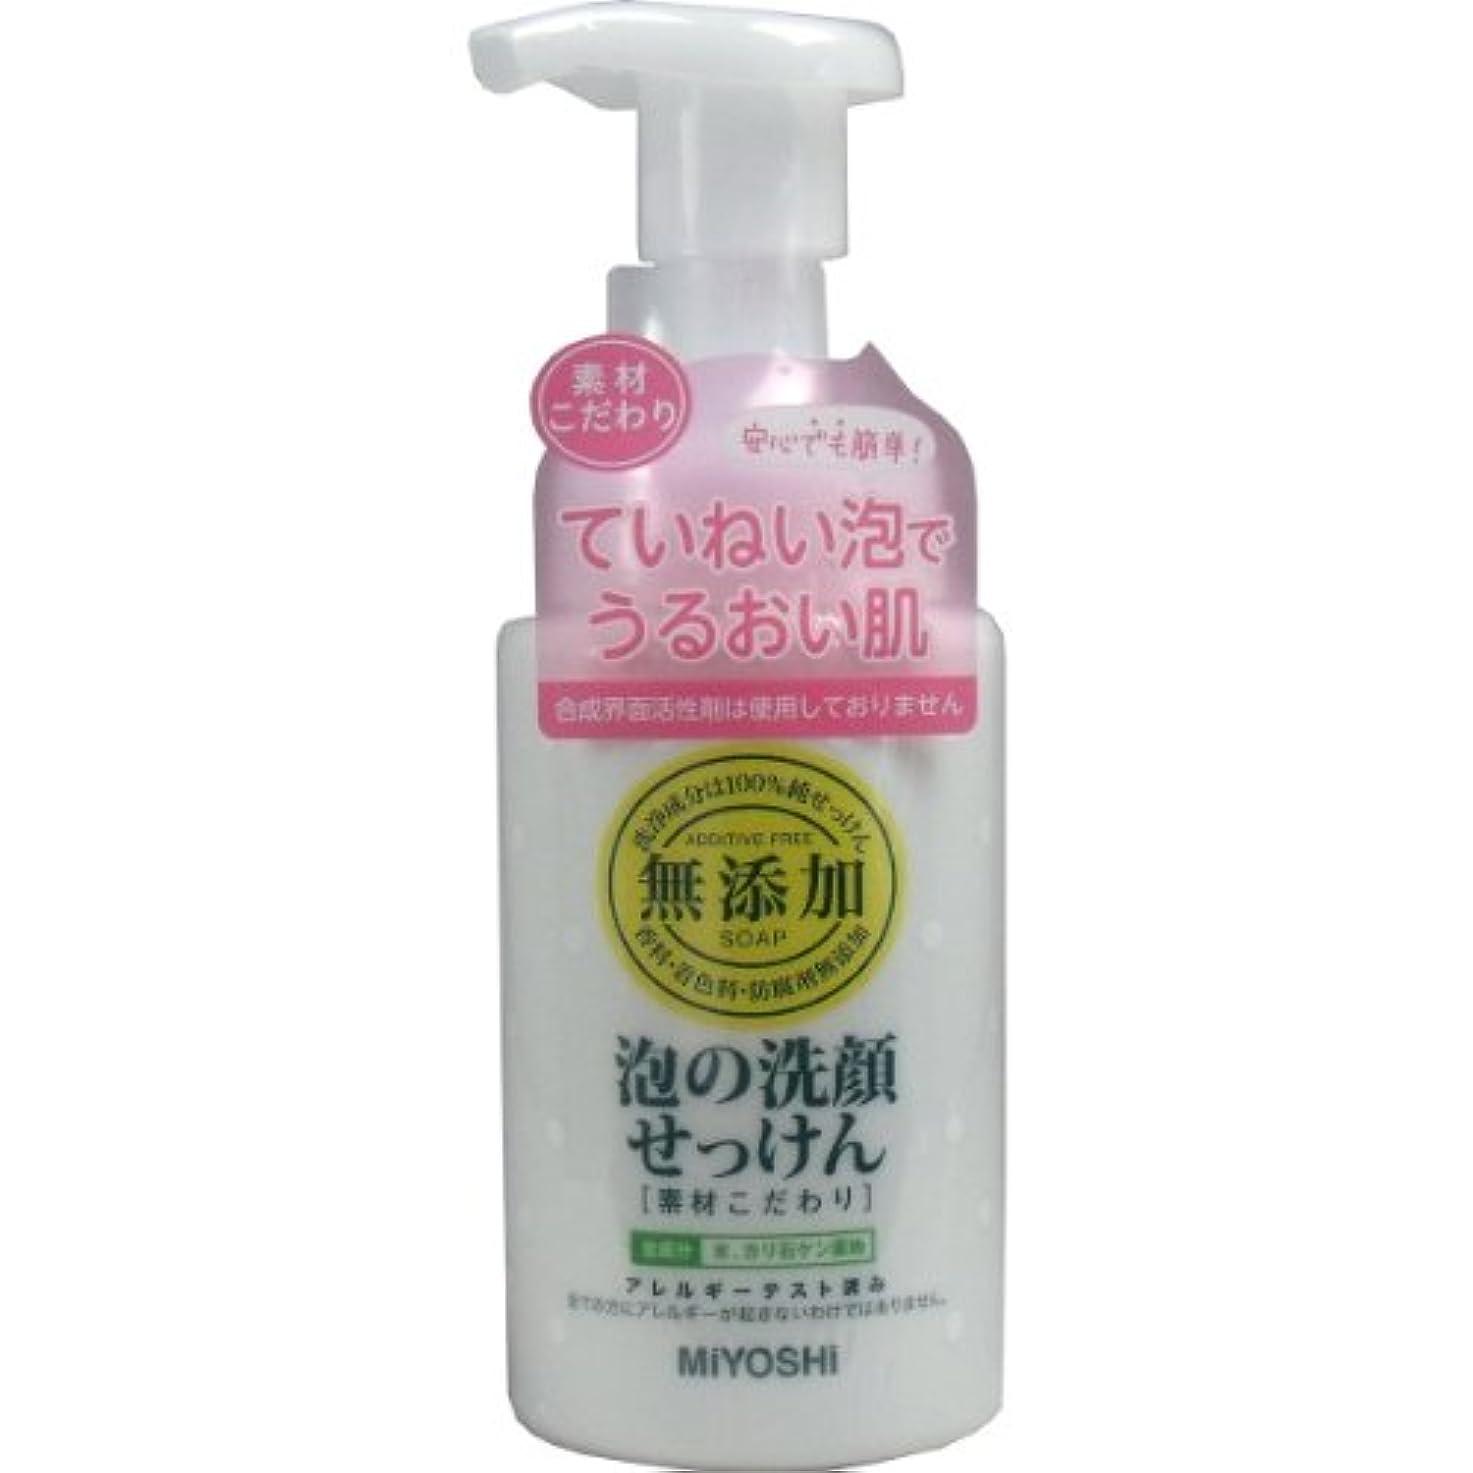 ポケットプレゼント包囲【ミヨシ石鹸】無添加 泡の洗顔せっけん 200ml ×5個セット